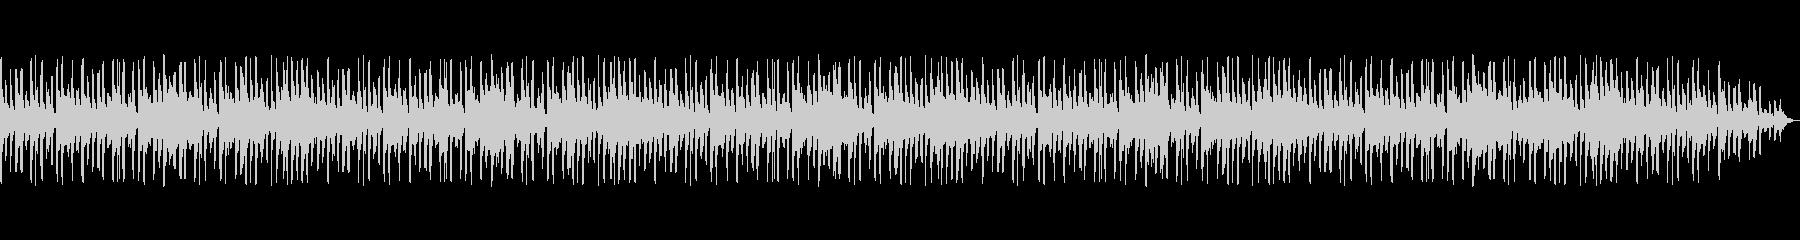 陽気なラテン調のジングル・管楽器メインの未再生の波形